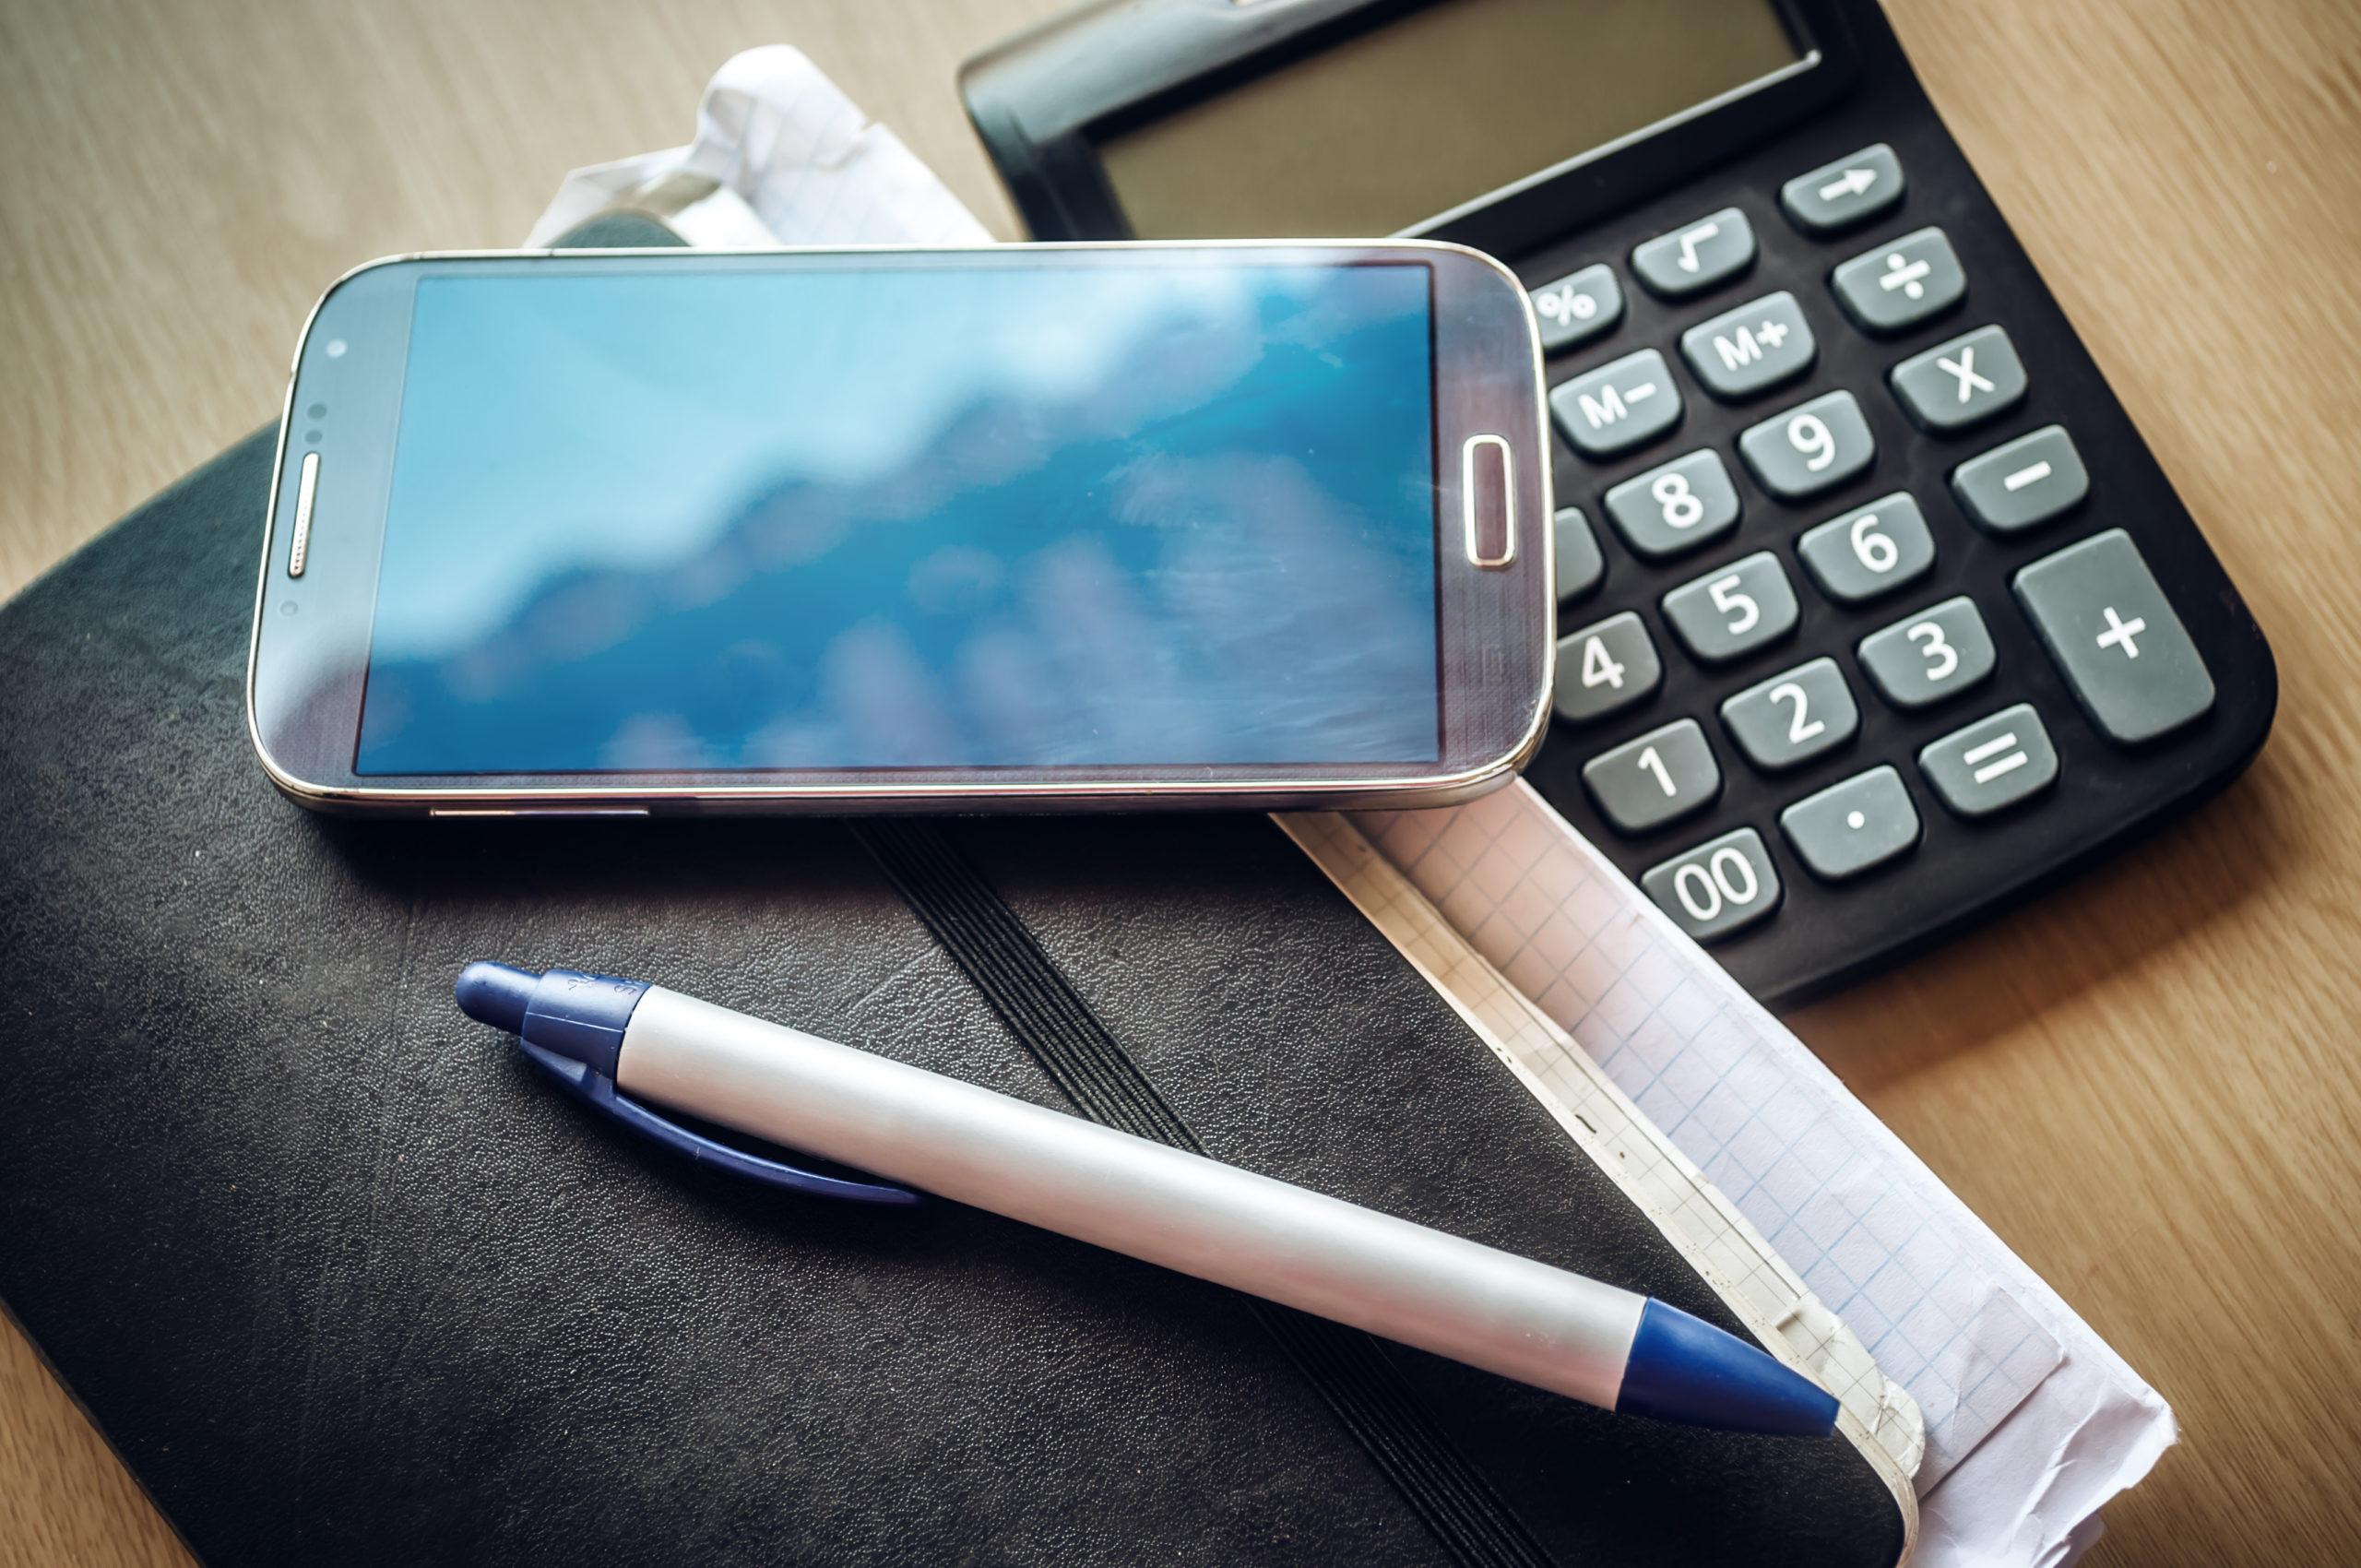 Un agenda papier, une calculatrice un stylo et un téléphone pour symboliser le télésecrétariat